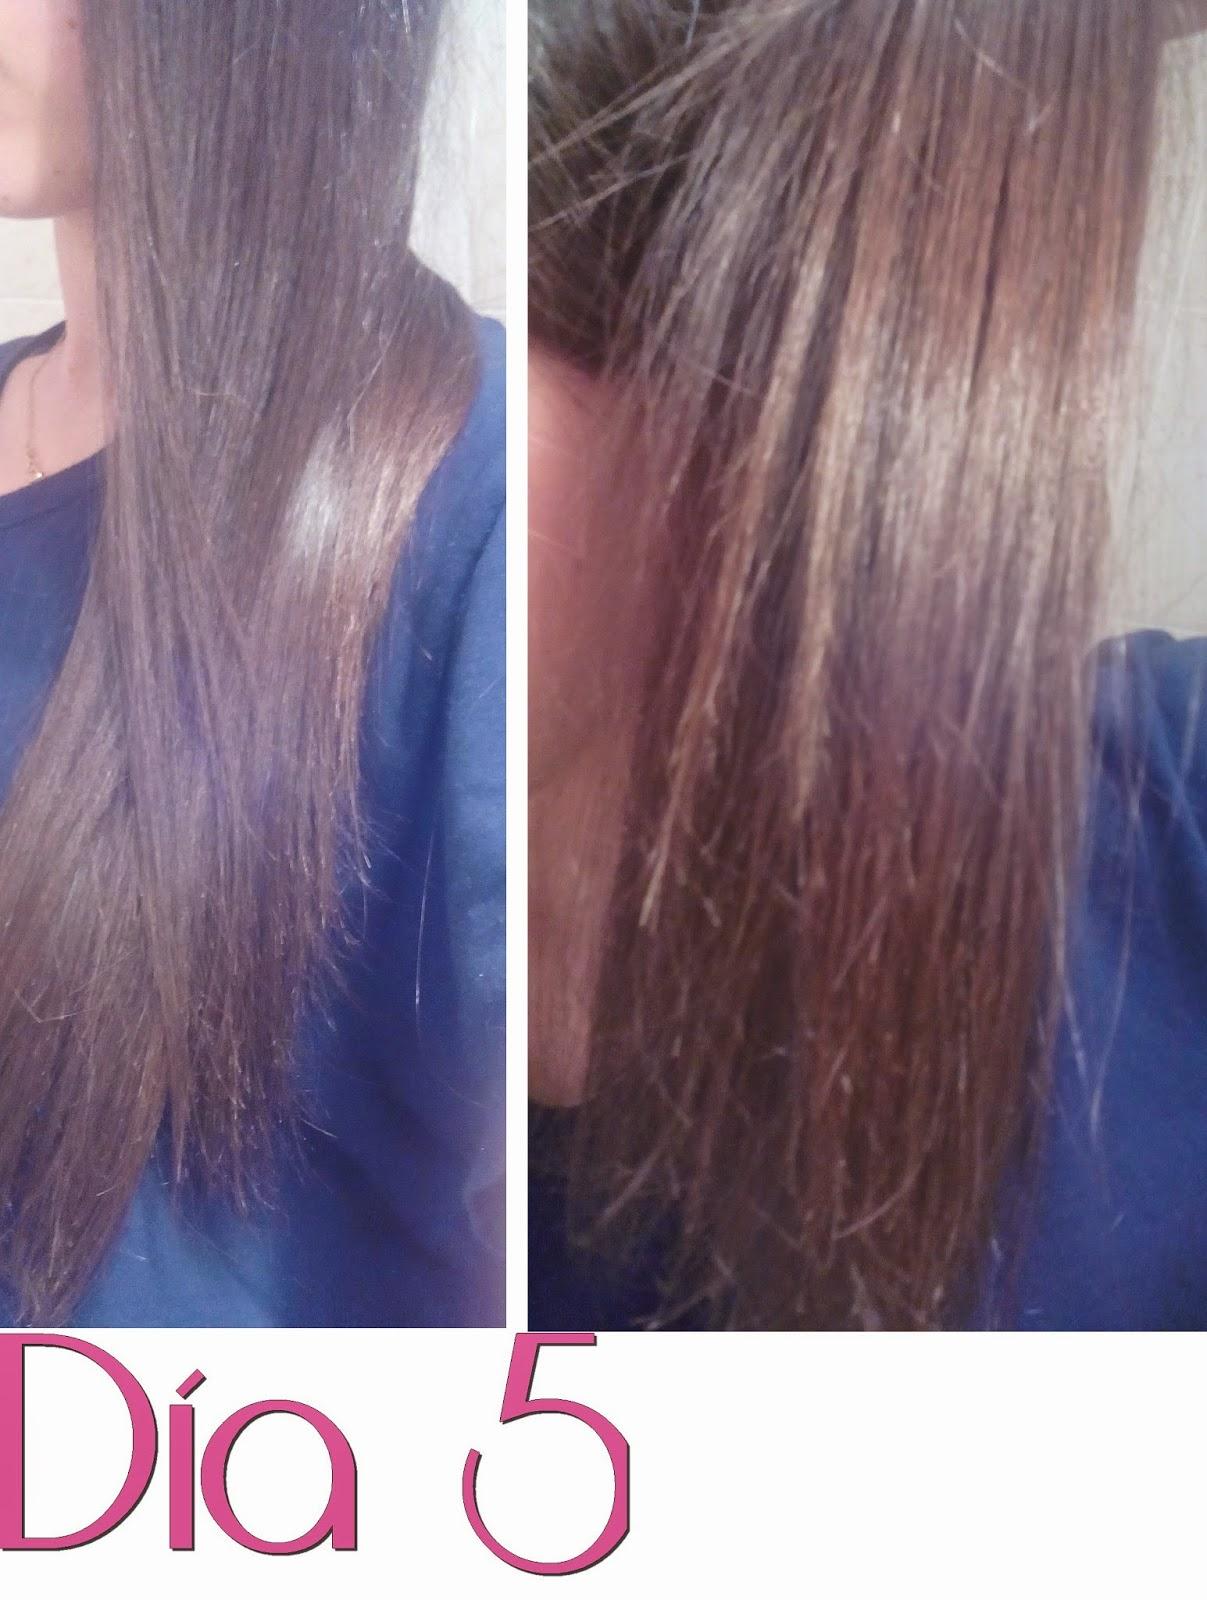 Los medios de la caída de los cabello y su crecimiento